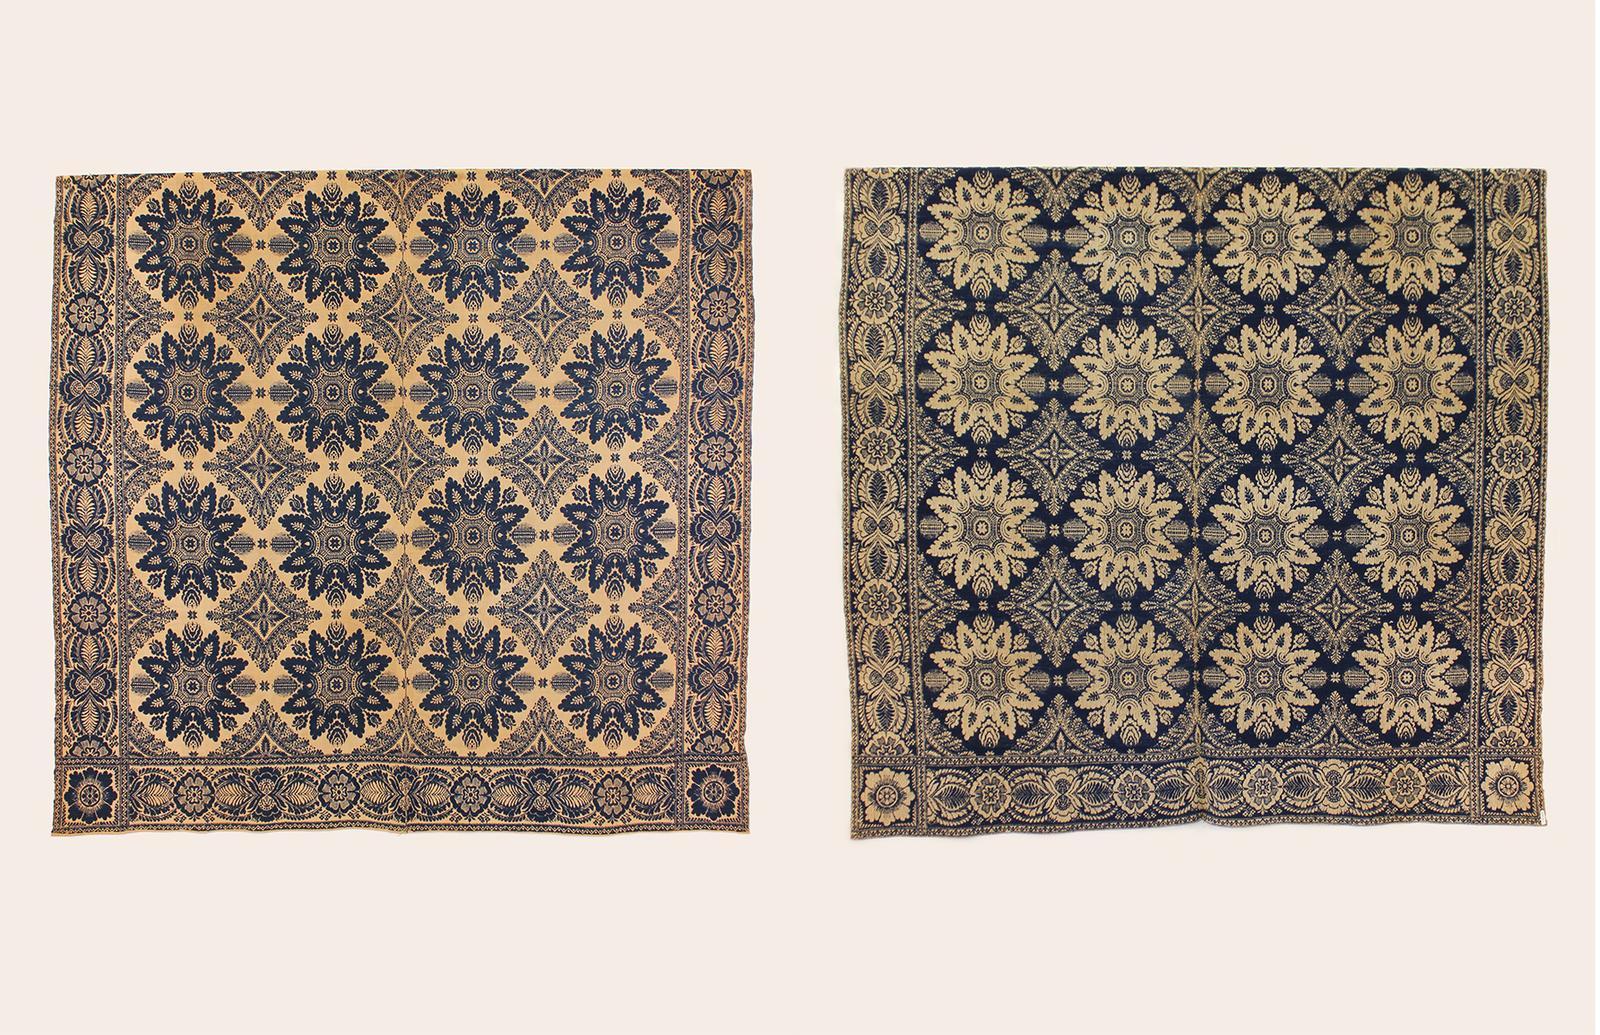 Graf Coverlet - Floral Starburst Pattern